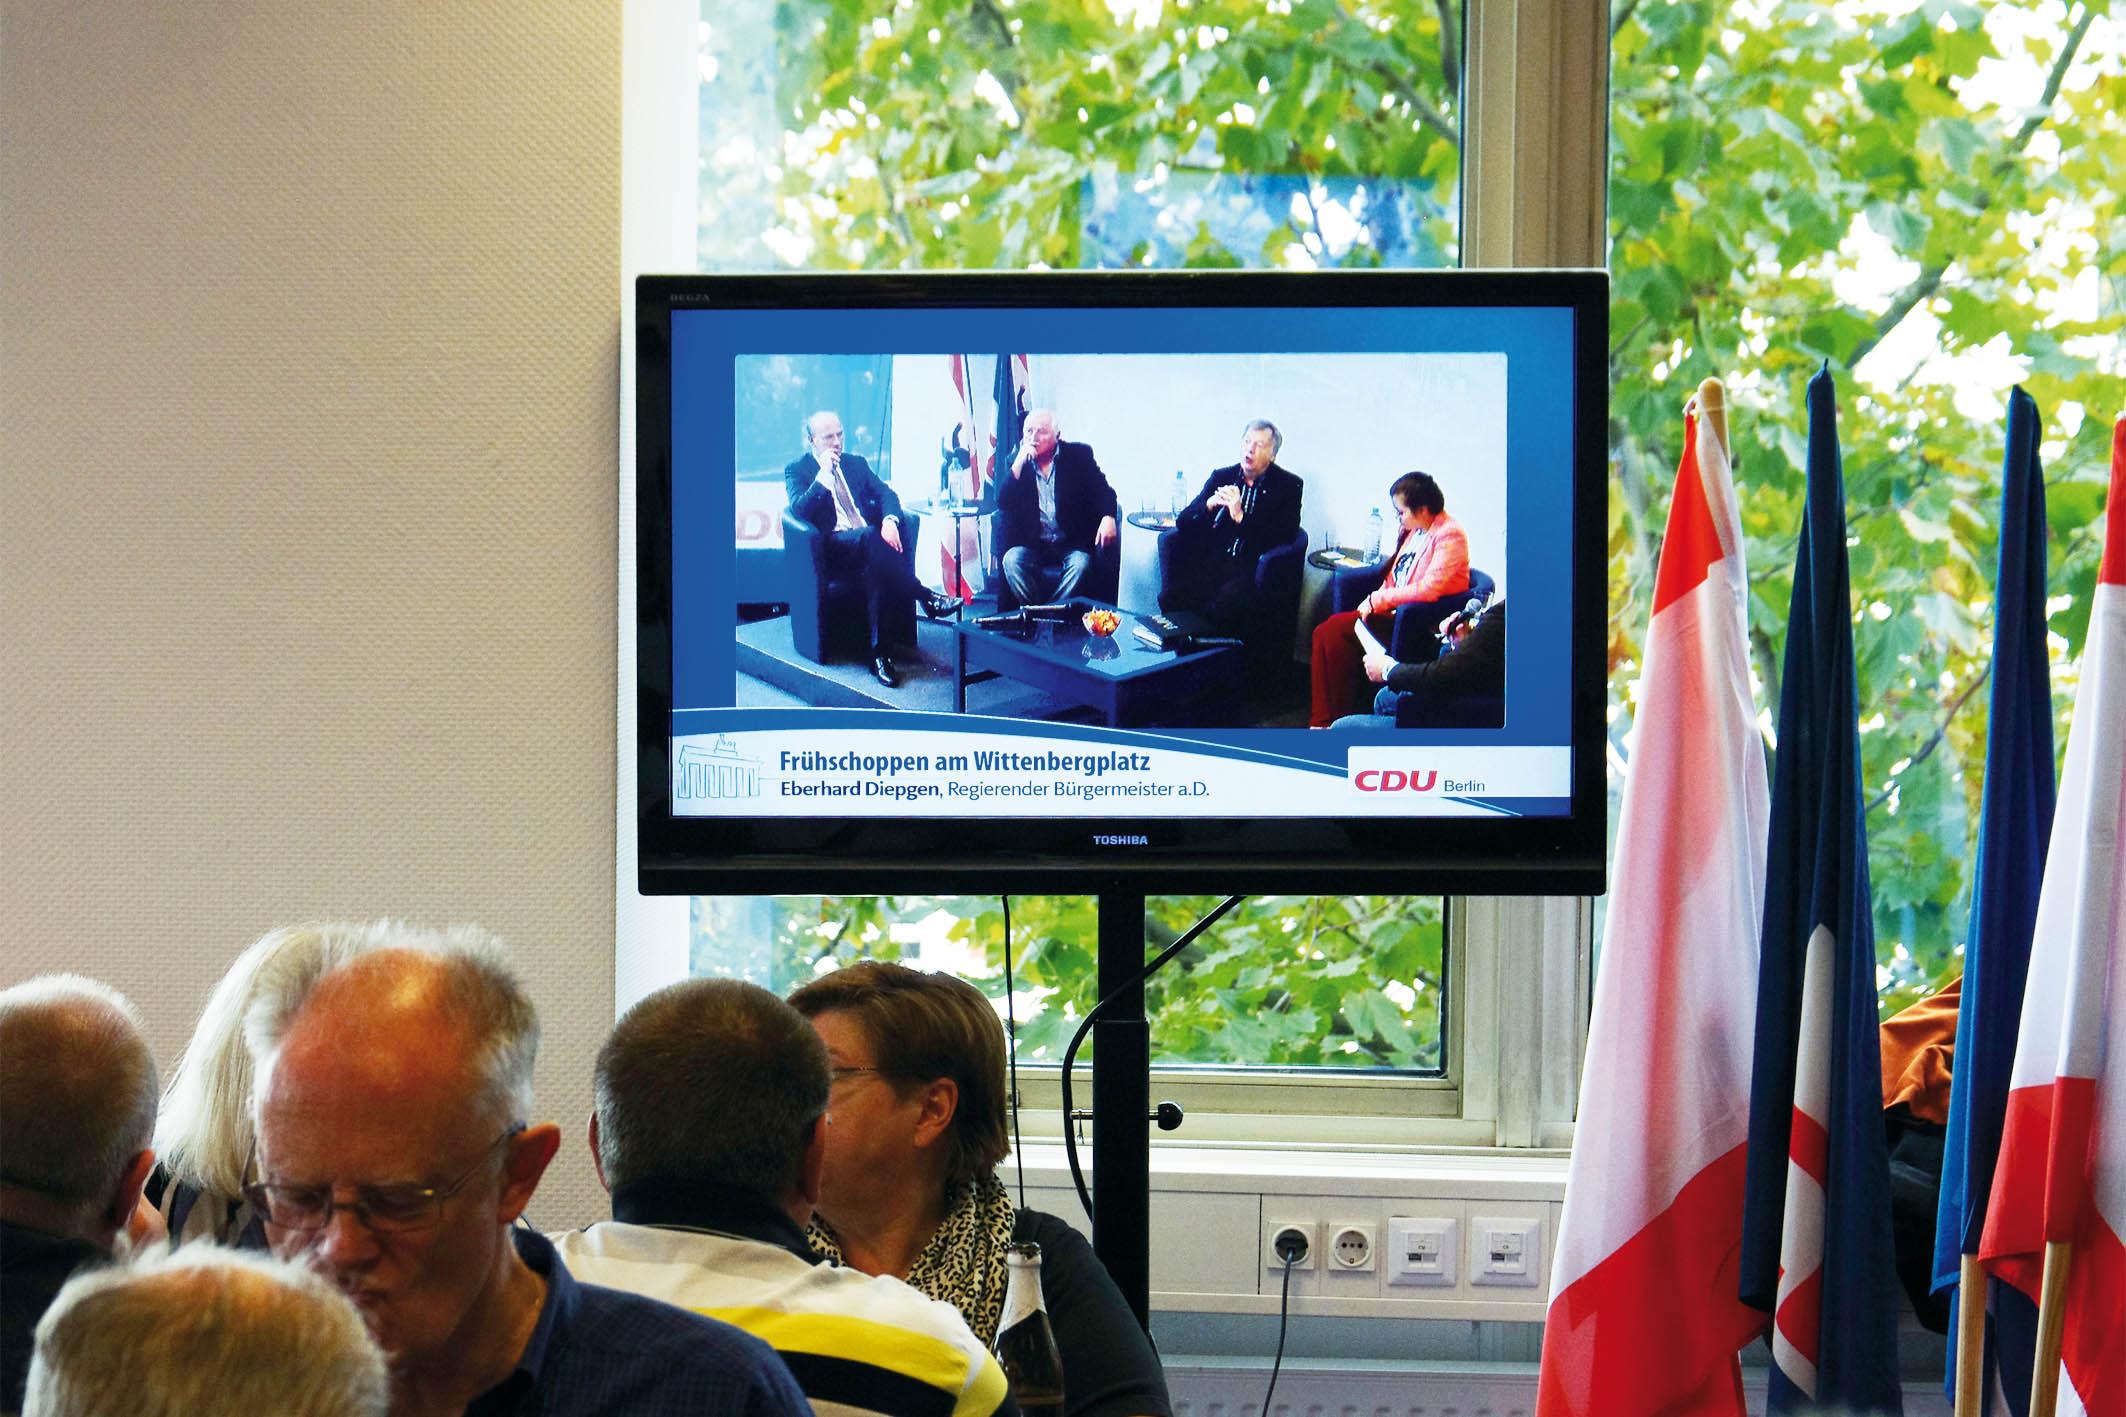 Das Podiumsgespräch wurde auf zwei Bildschirmen übertragen.